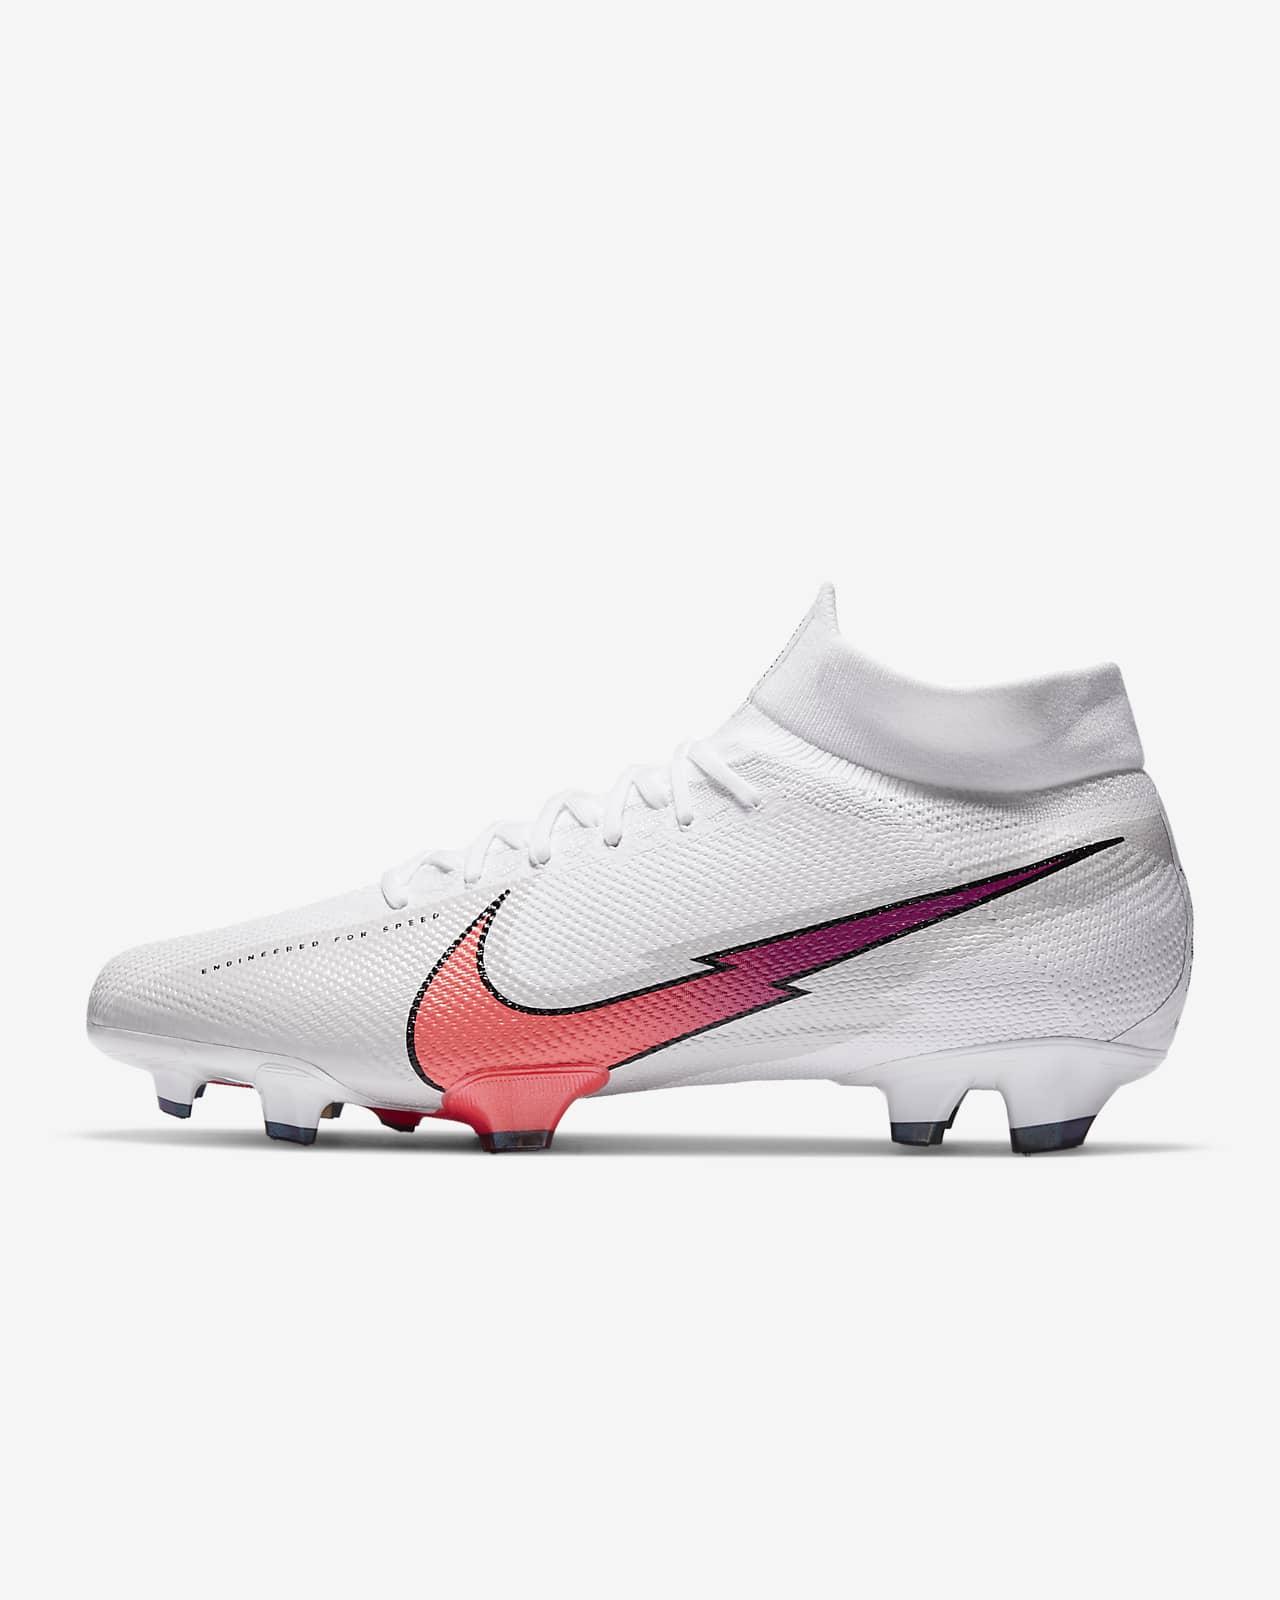 Nike Mercurial Superfly 7 Pro FG-fodboldstøvle (græs)